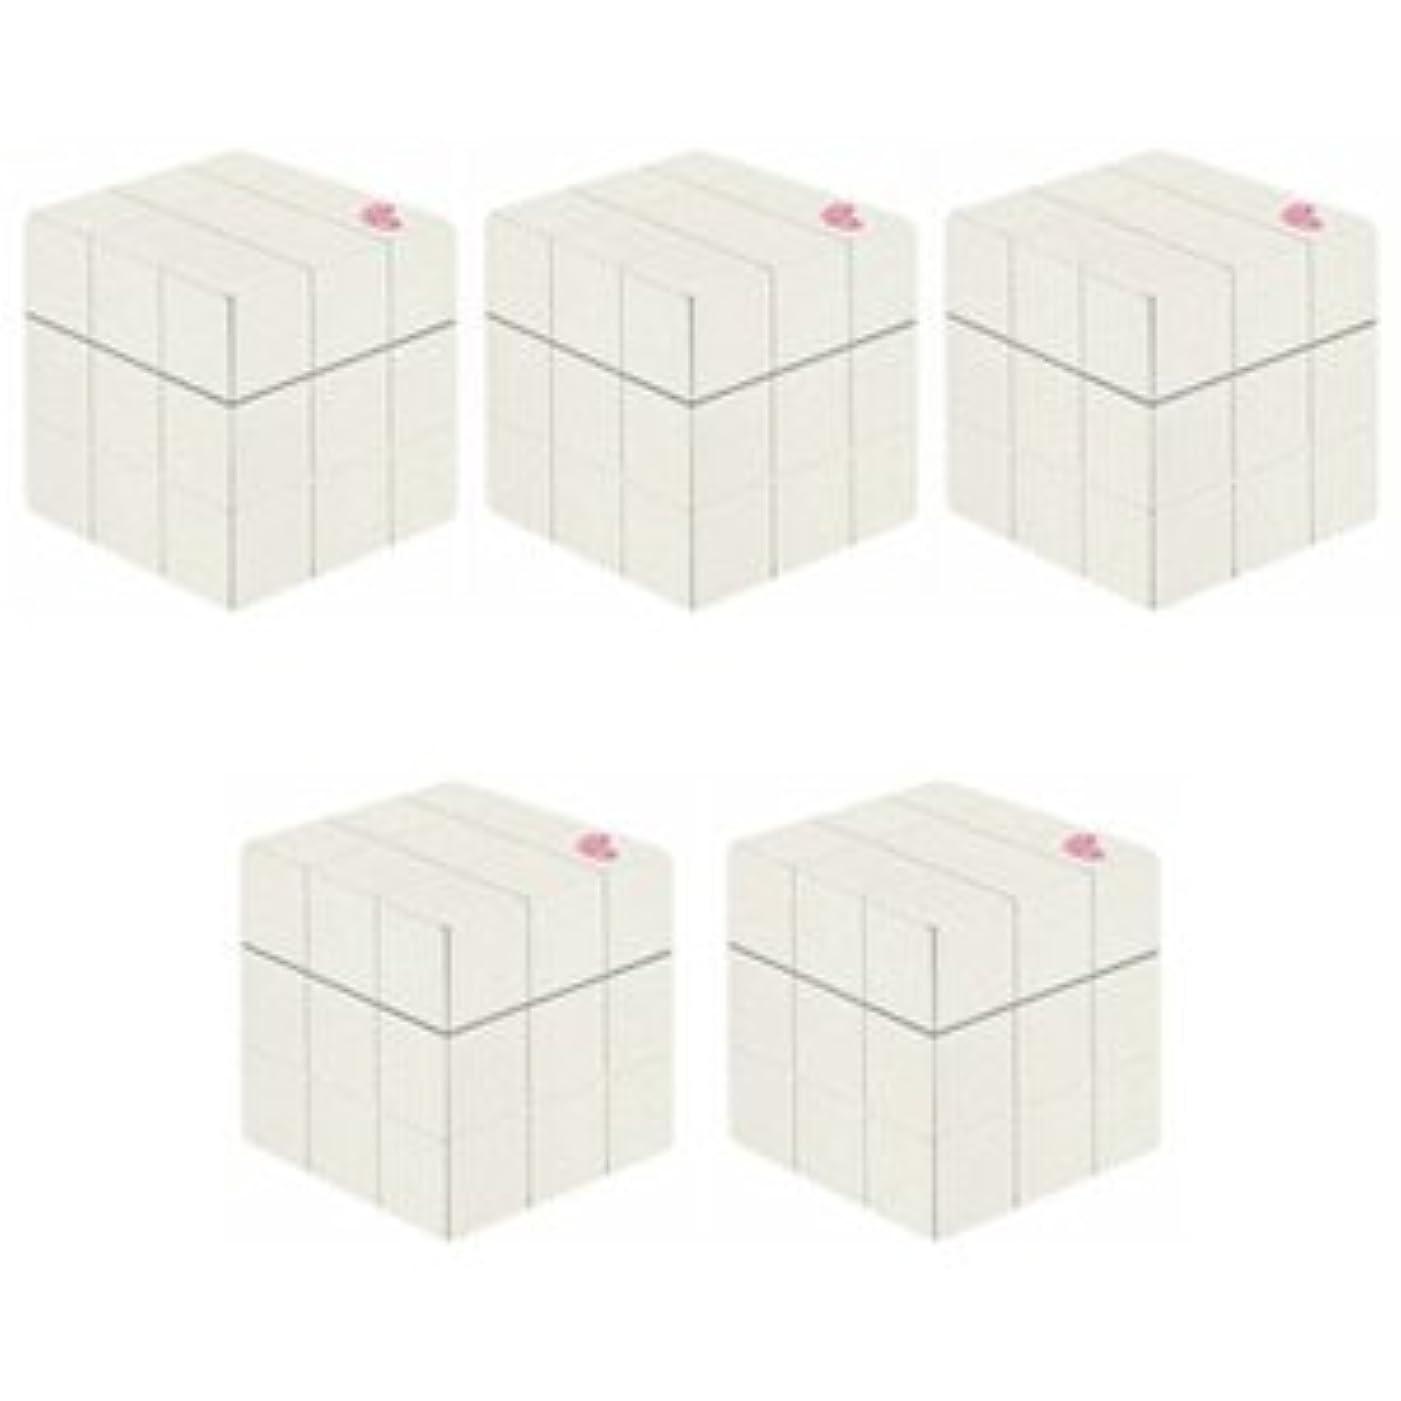 カウントアップ熟達ヘッドレス【X5個セット】 アリミノ ピース プロデザインシリーズ グロスワックス ホワイト 80g